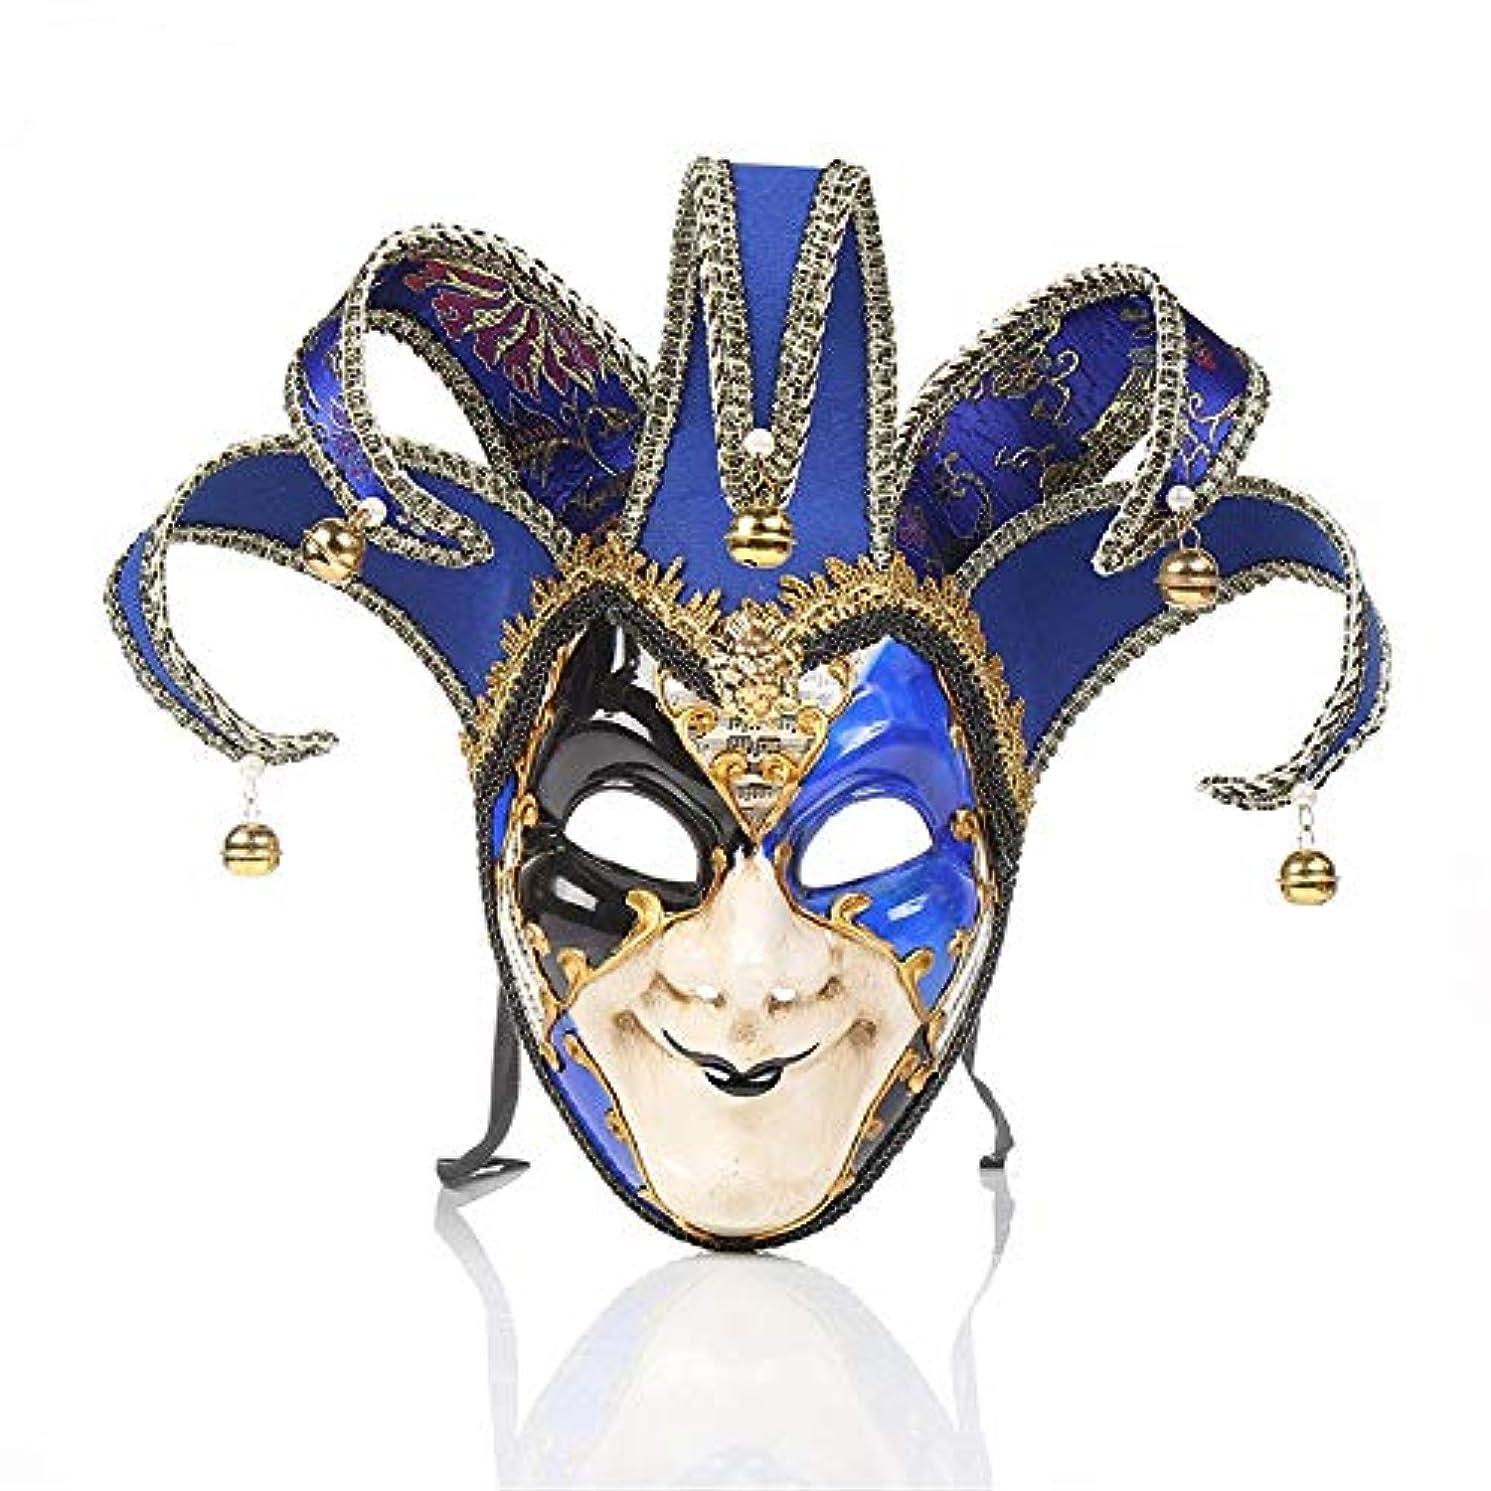 作詞家好意スチュアート島ダンスマスク ピエロマスクハロウィーンパフォーマンスパフォーマンス仮面舞踏会雰囲気用品祭りロールプレイングプラスチックマスク パーティーボールマスク (色 : 青, サイズ : 39x33cm)